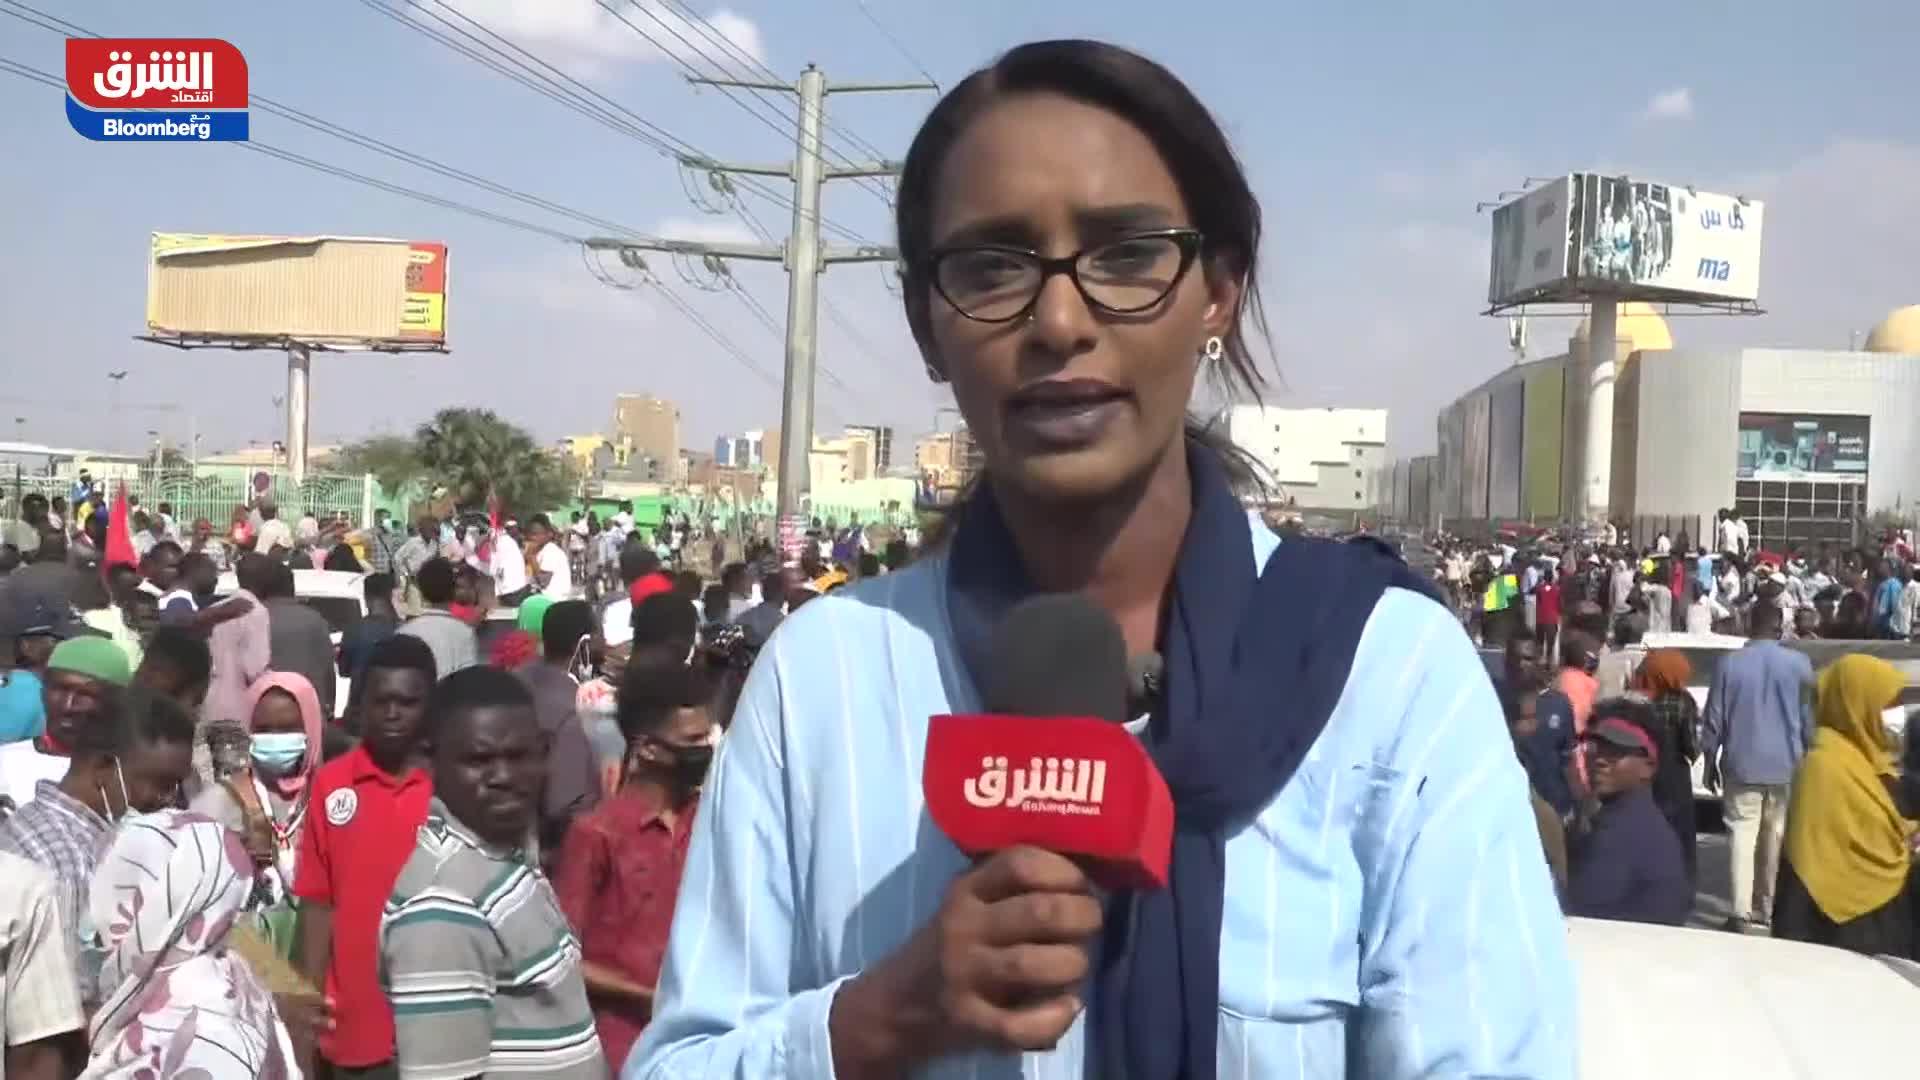 ما الذي يفرق تظاهرة السودان اليوم عن سابقيها؟